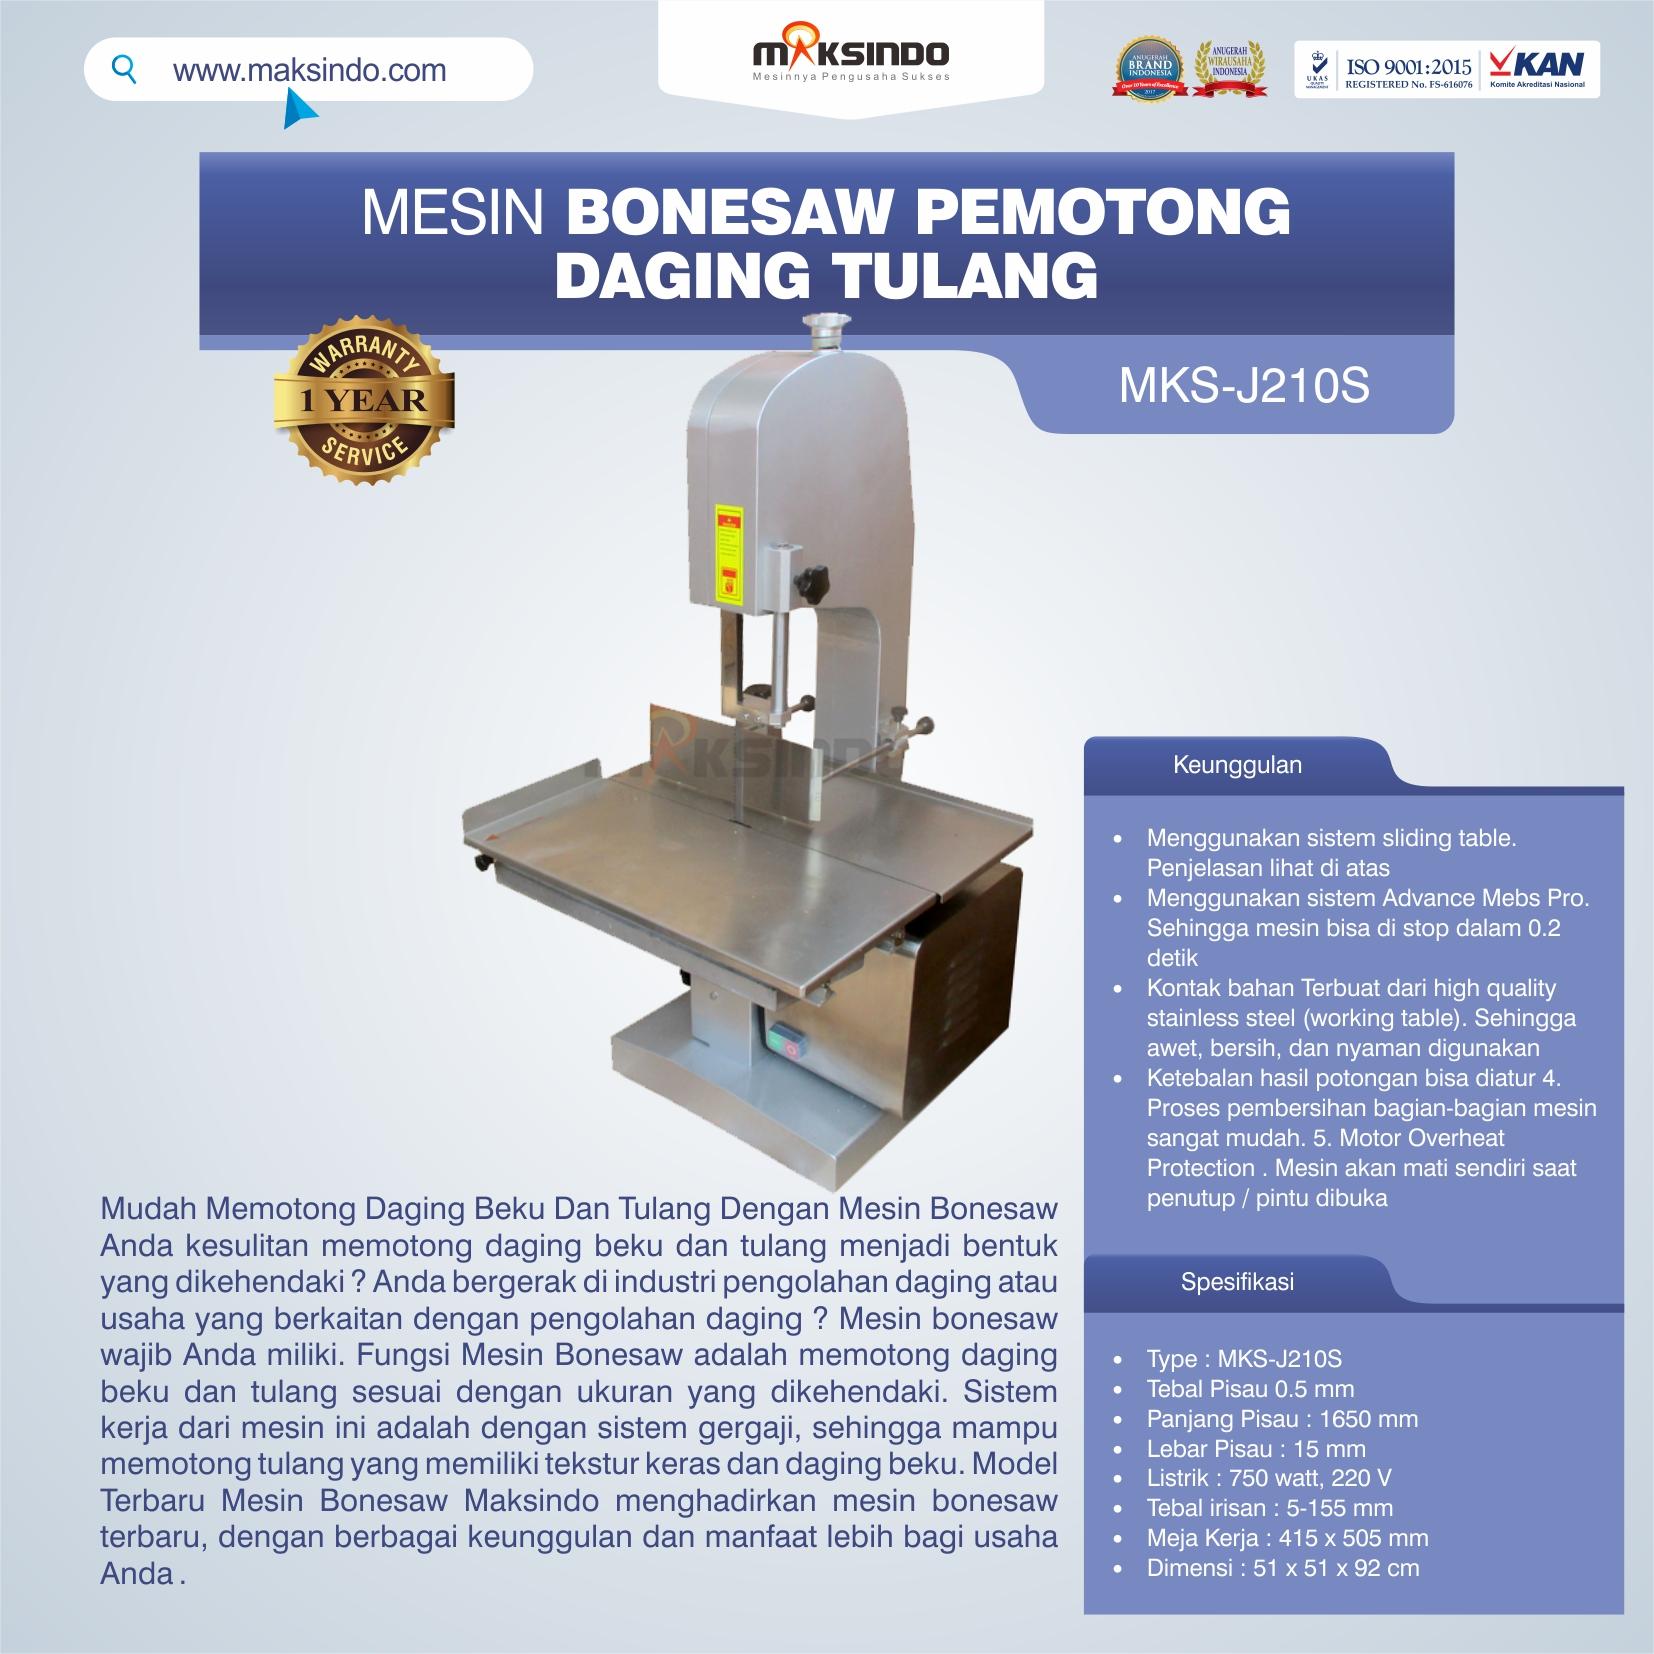 MKS-J210S Mesin Bonesaw Pemotong Daging Tulang